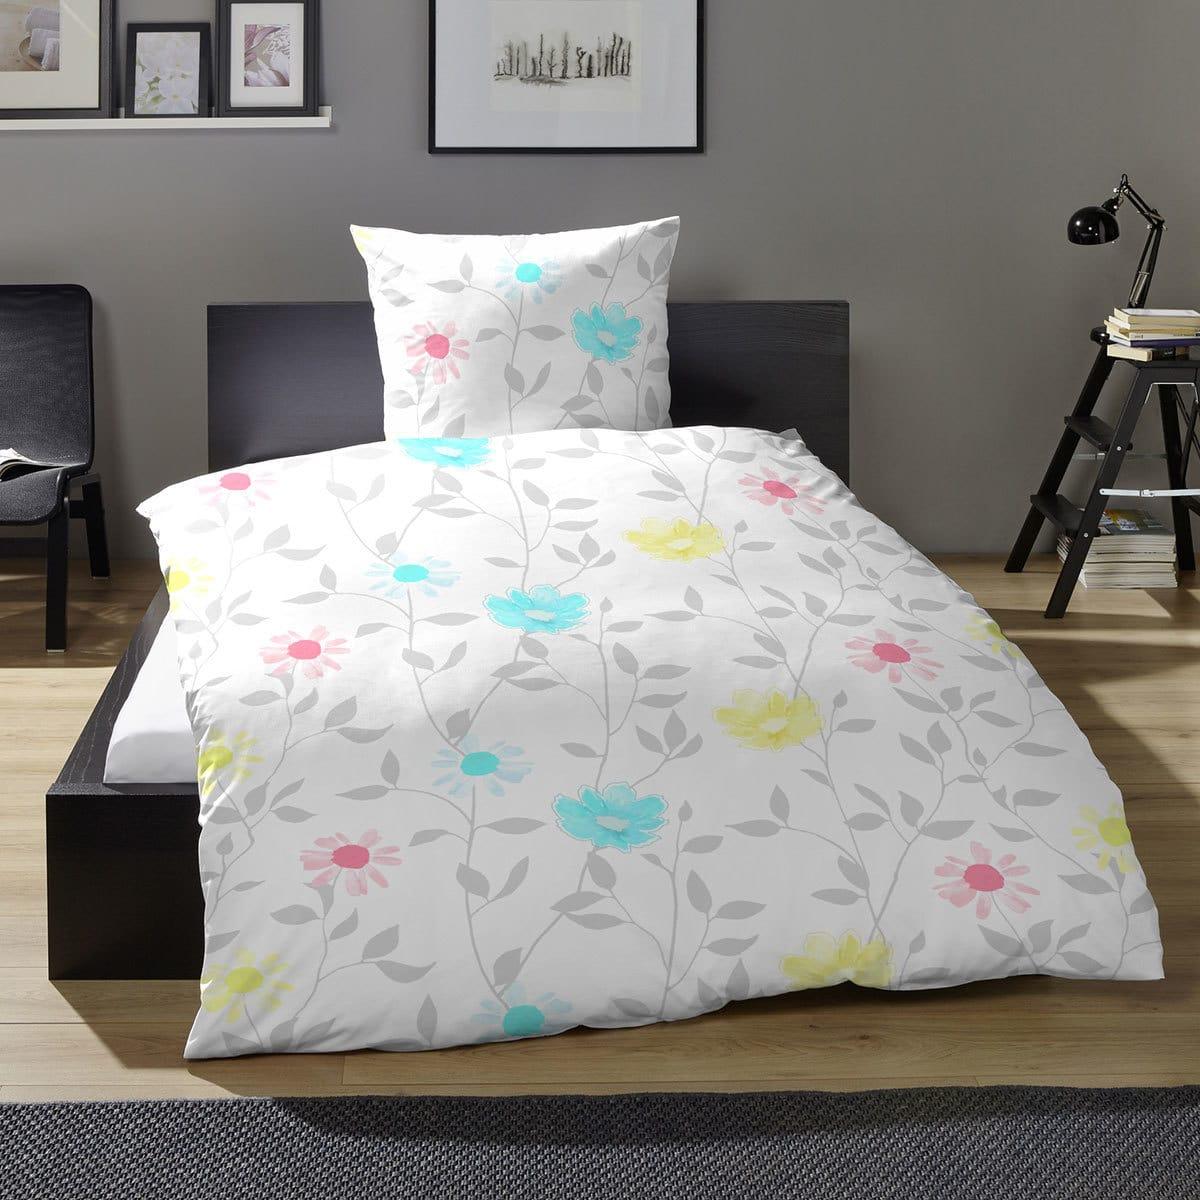 hahn seersucker bettw sche blumenranke t rkis g nstig online kaufen bei bettwaren shop. Black Bedroom Furniture Sets. Home Design Ideas